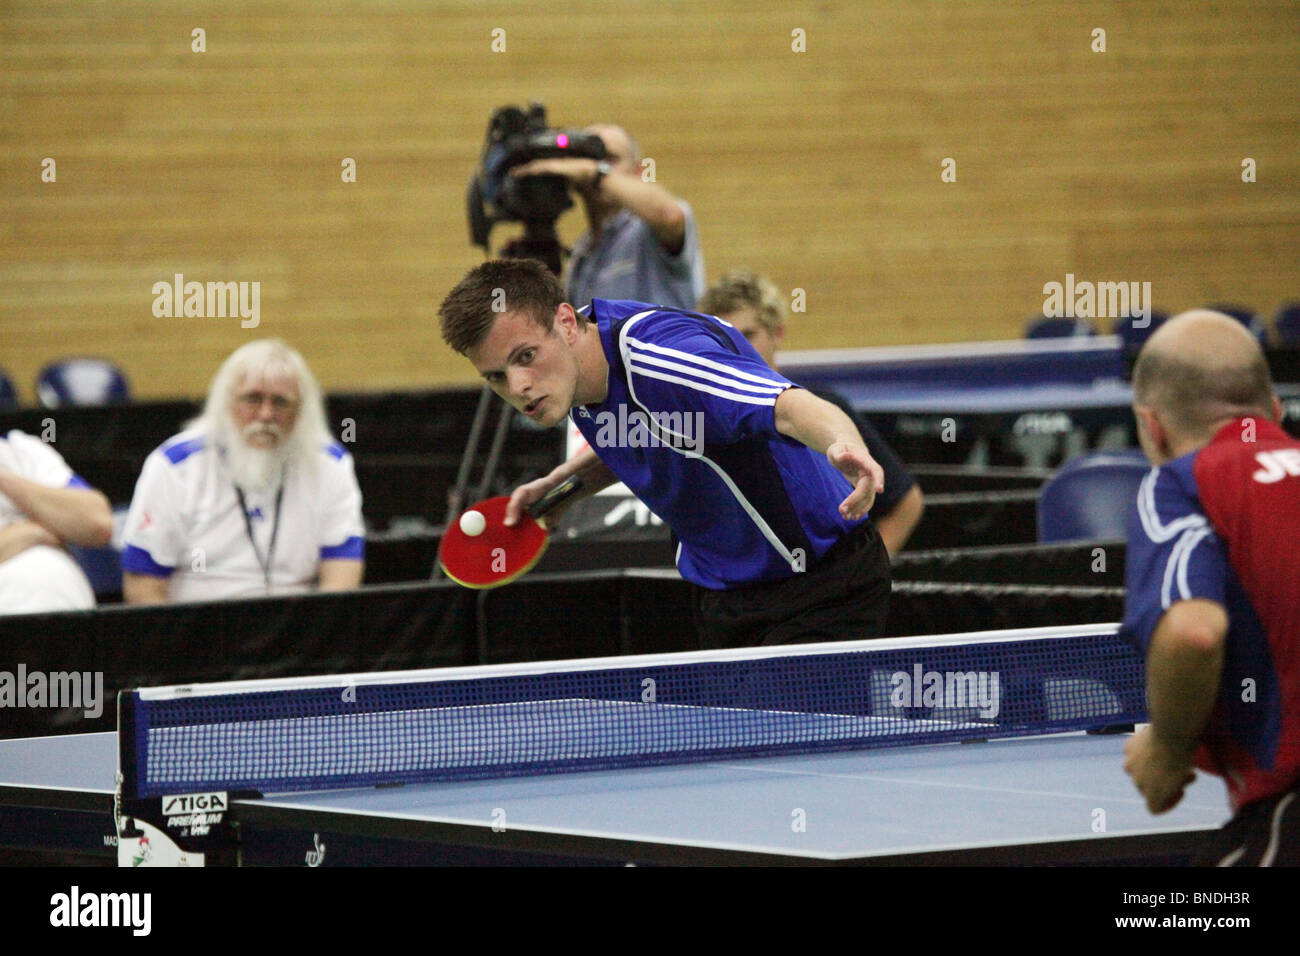 Johan Eriksson vince il Gotland matchpoint nel tennis da tavolo finale del Team Natwest Island Games 2009, 30 giugno Immagini Stock